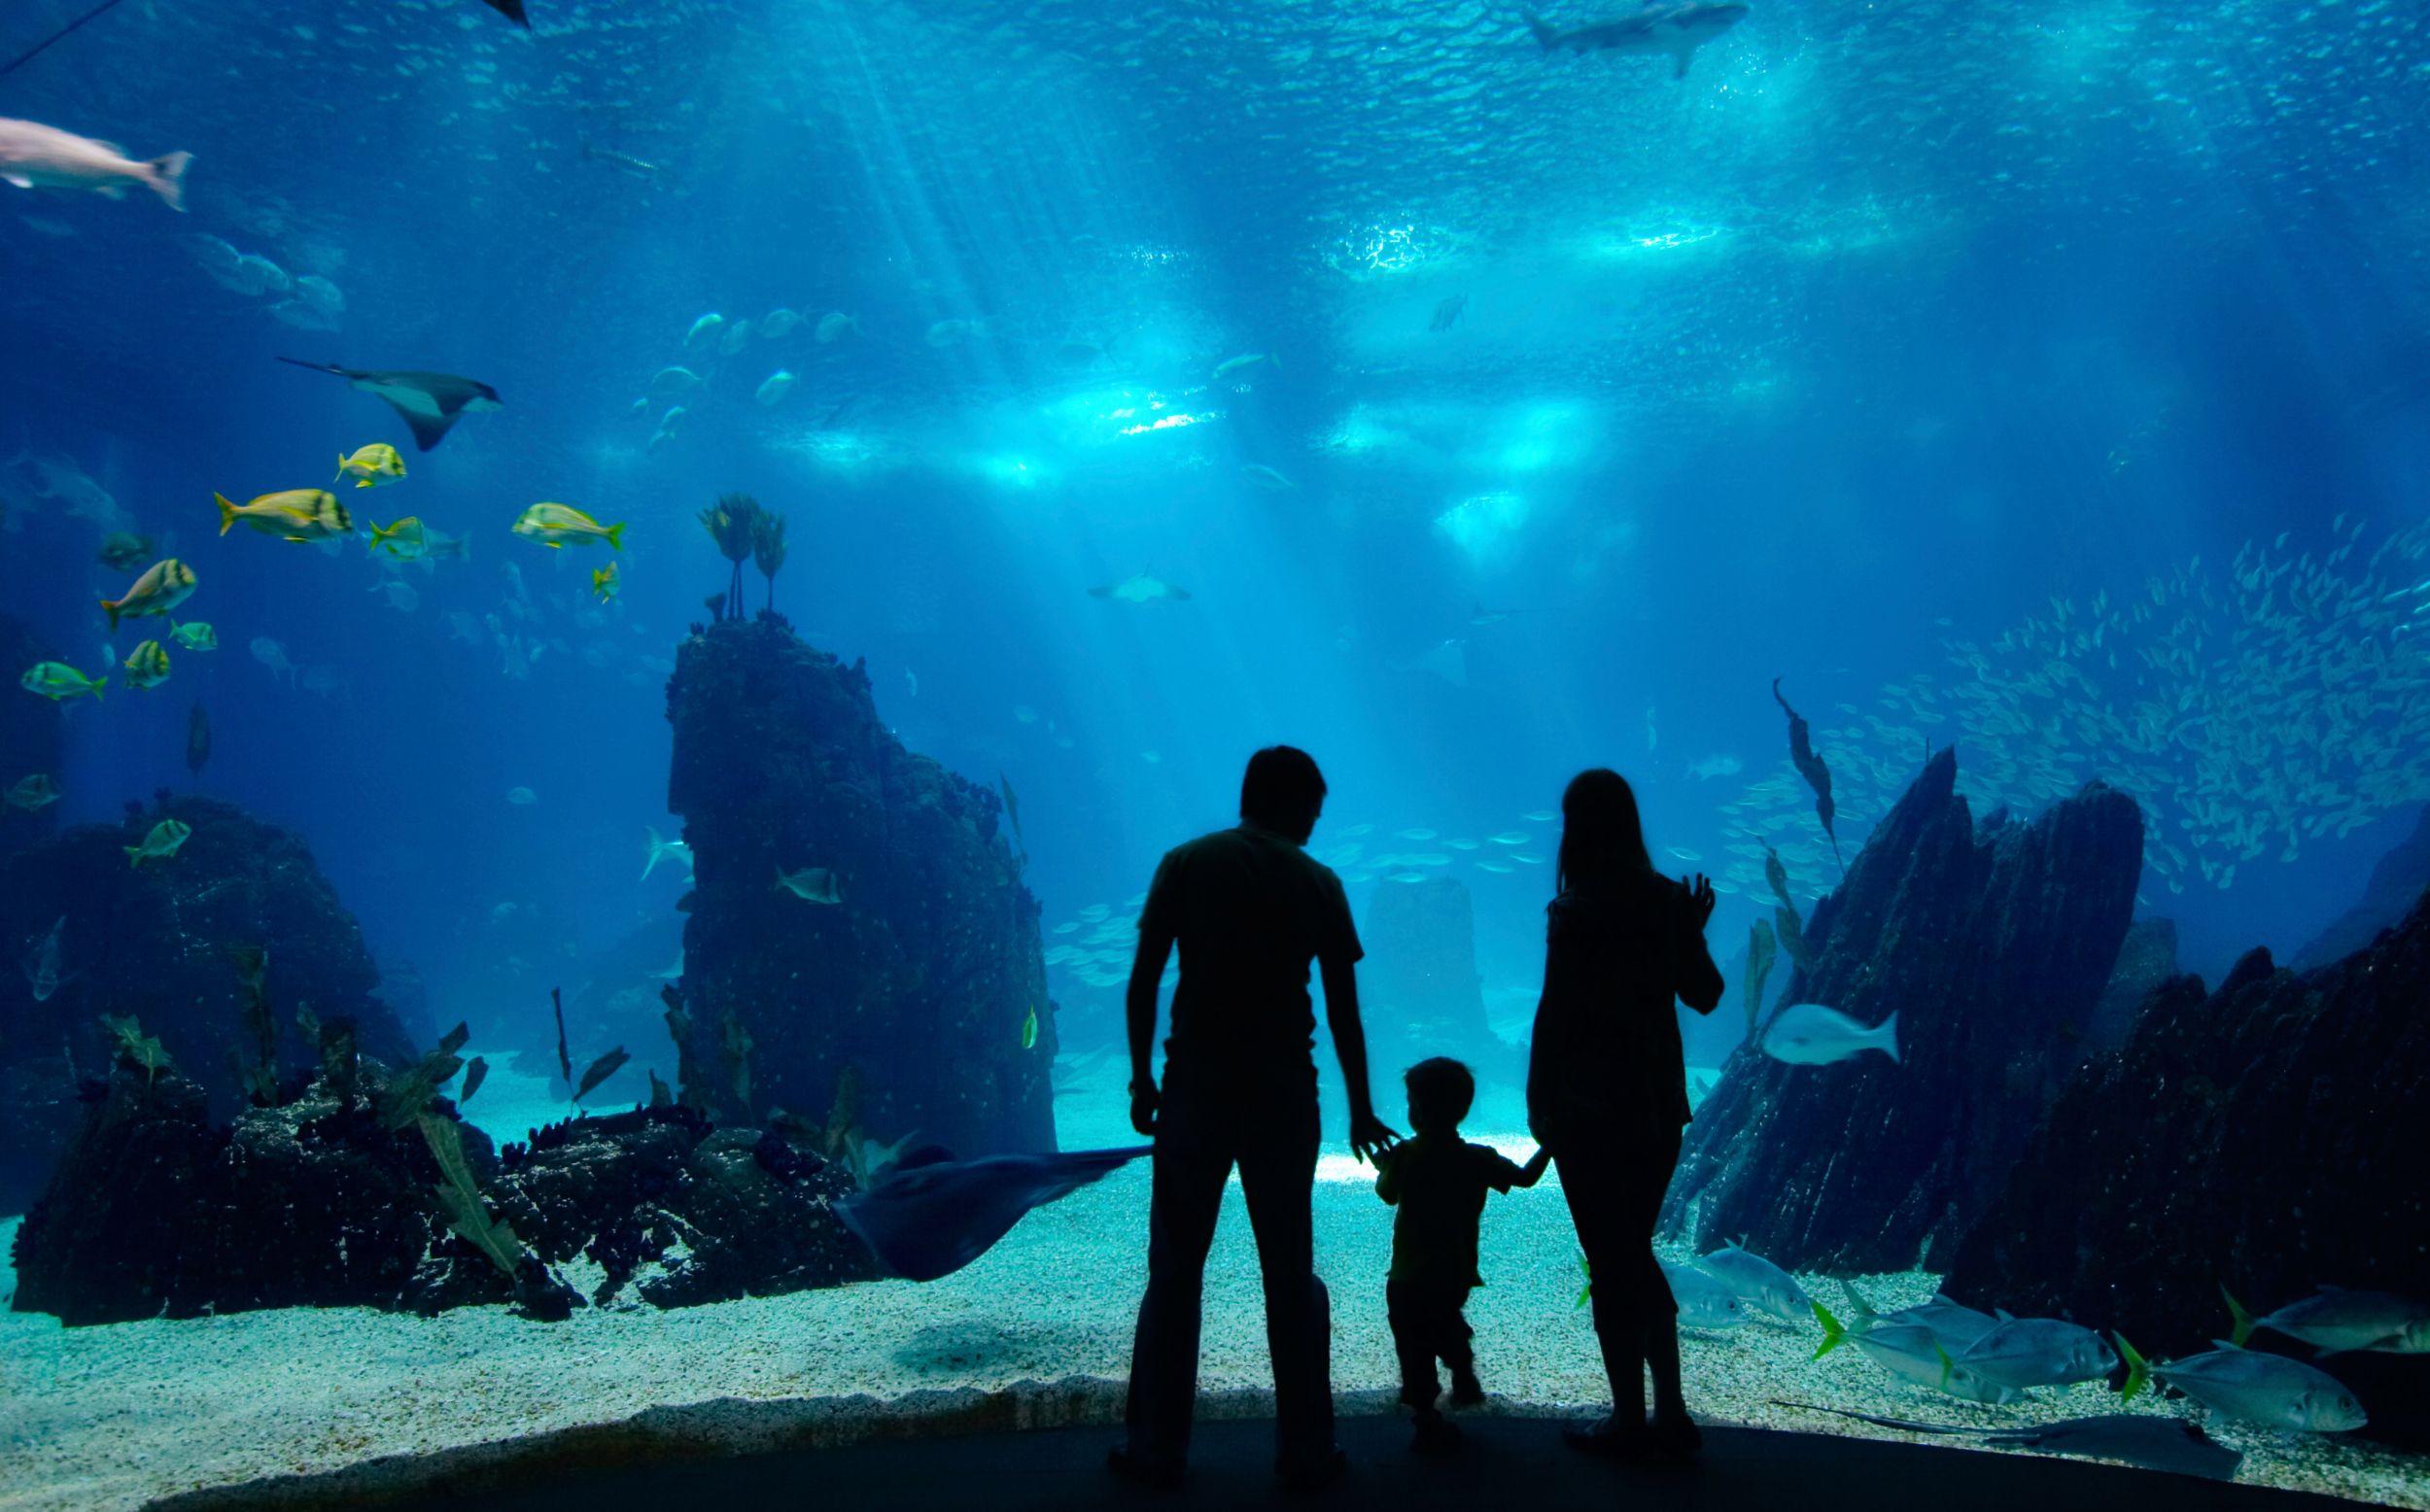 Family at an aquarium photograph